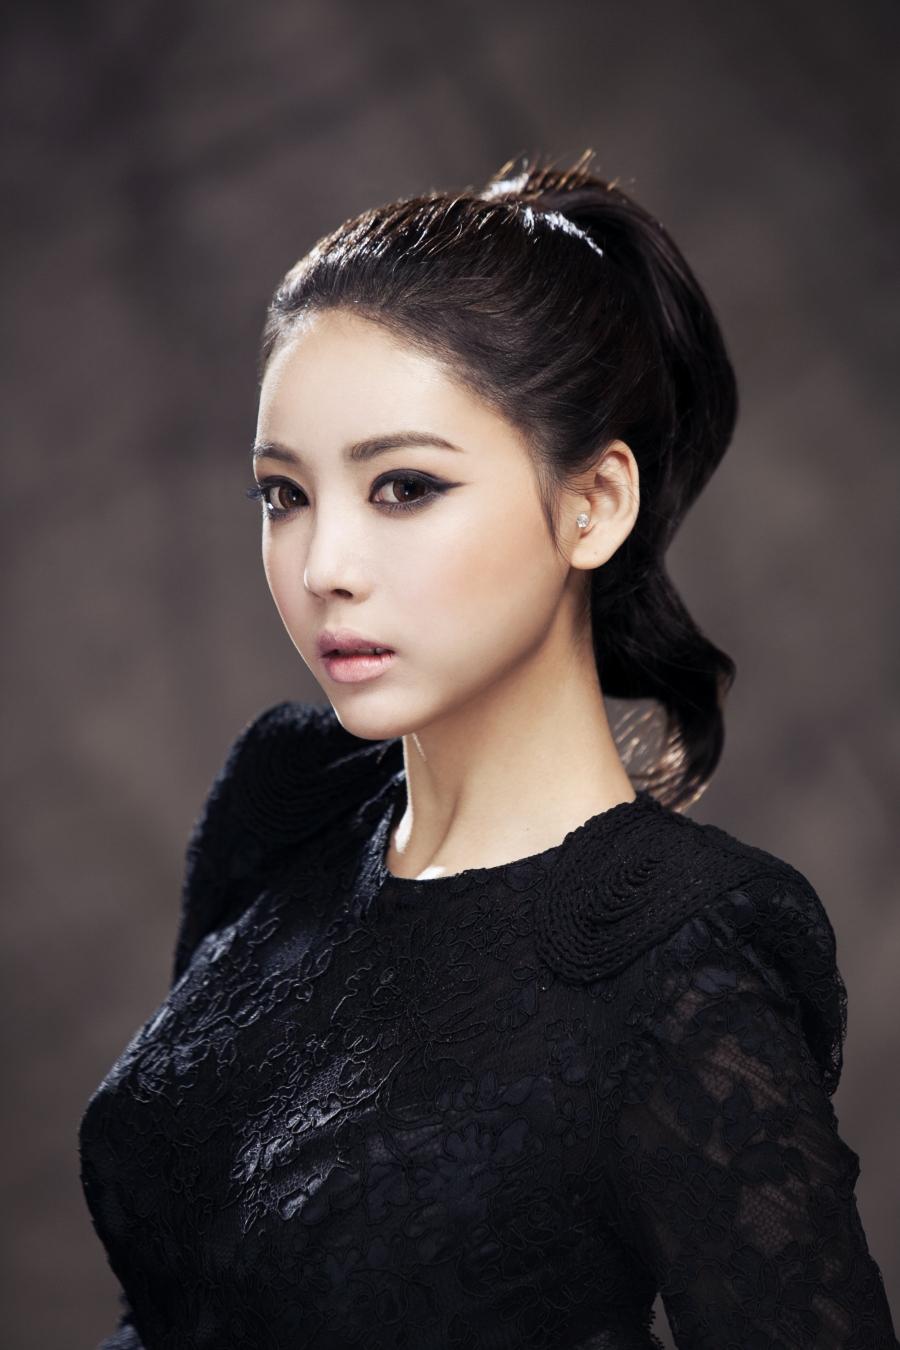 Korean Celebs Street Fashion Trends Review: Korean Wedding Photo - IDO WEDDING